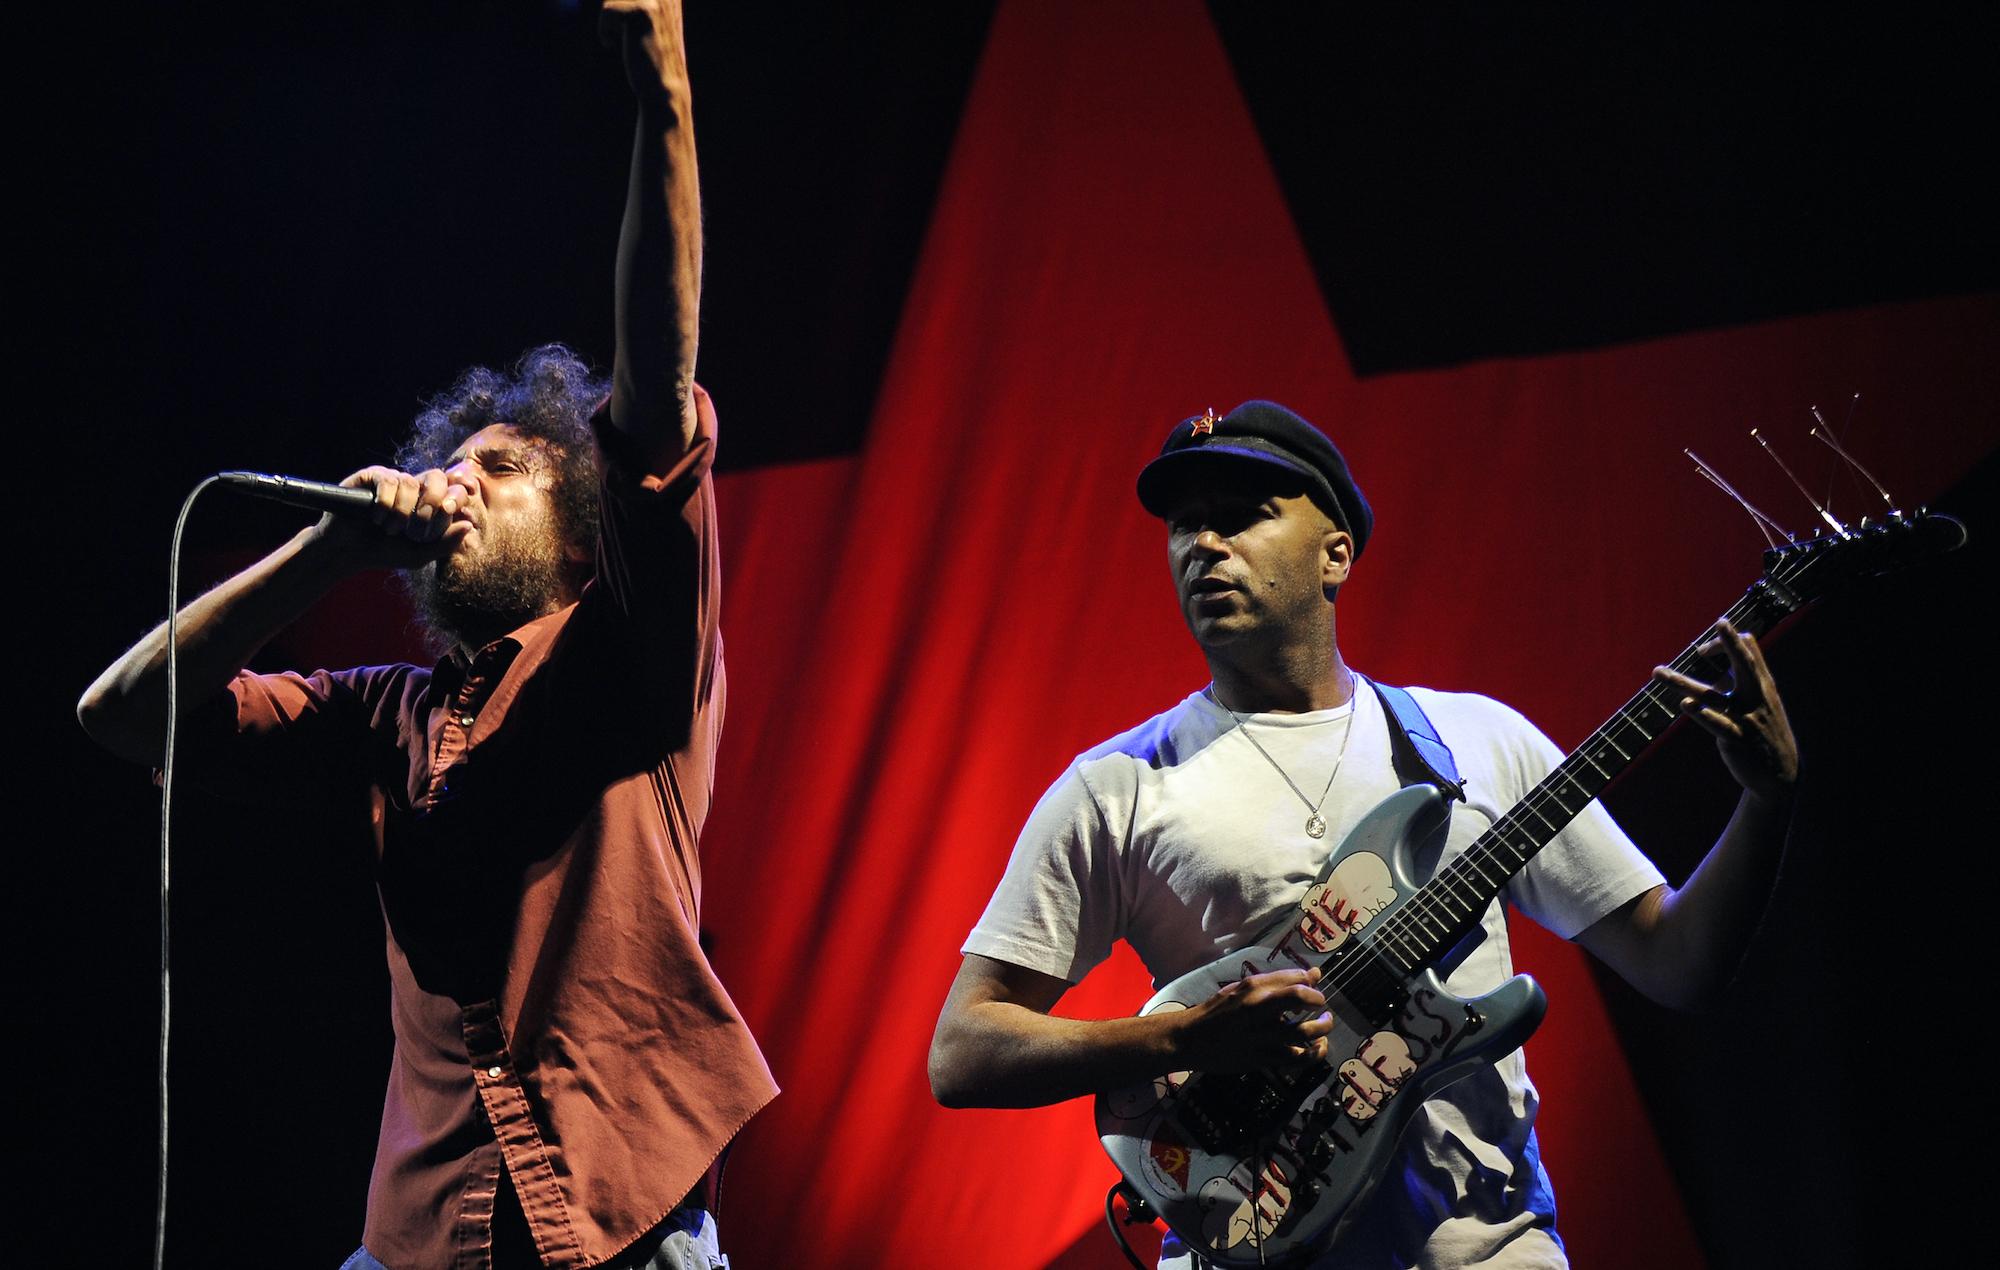 """Tom Morello hails Zack de la Rocha as """"the greatest frontman of all time"""""""